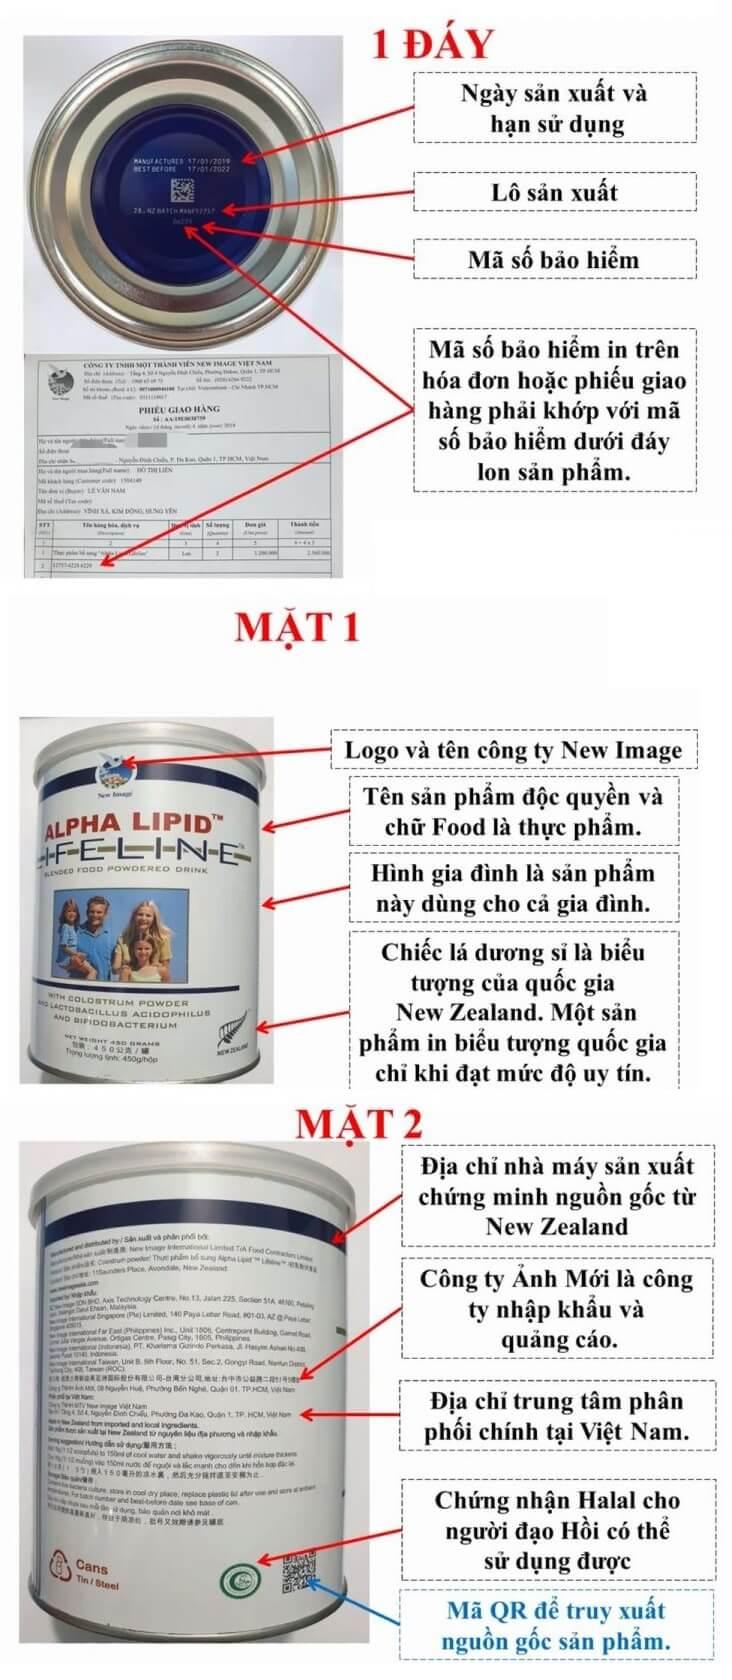 Cách phân biệt Alpha Lipid Lifeline thật giả